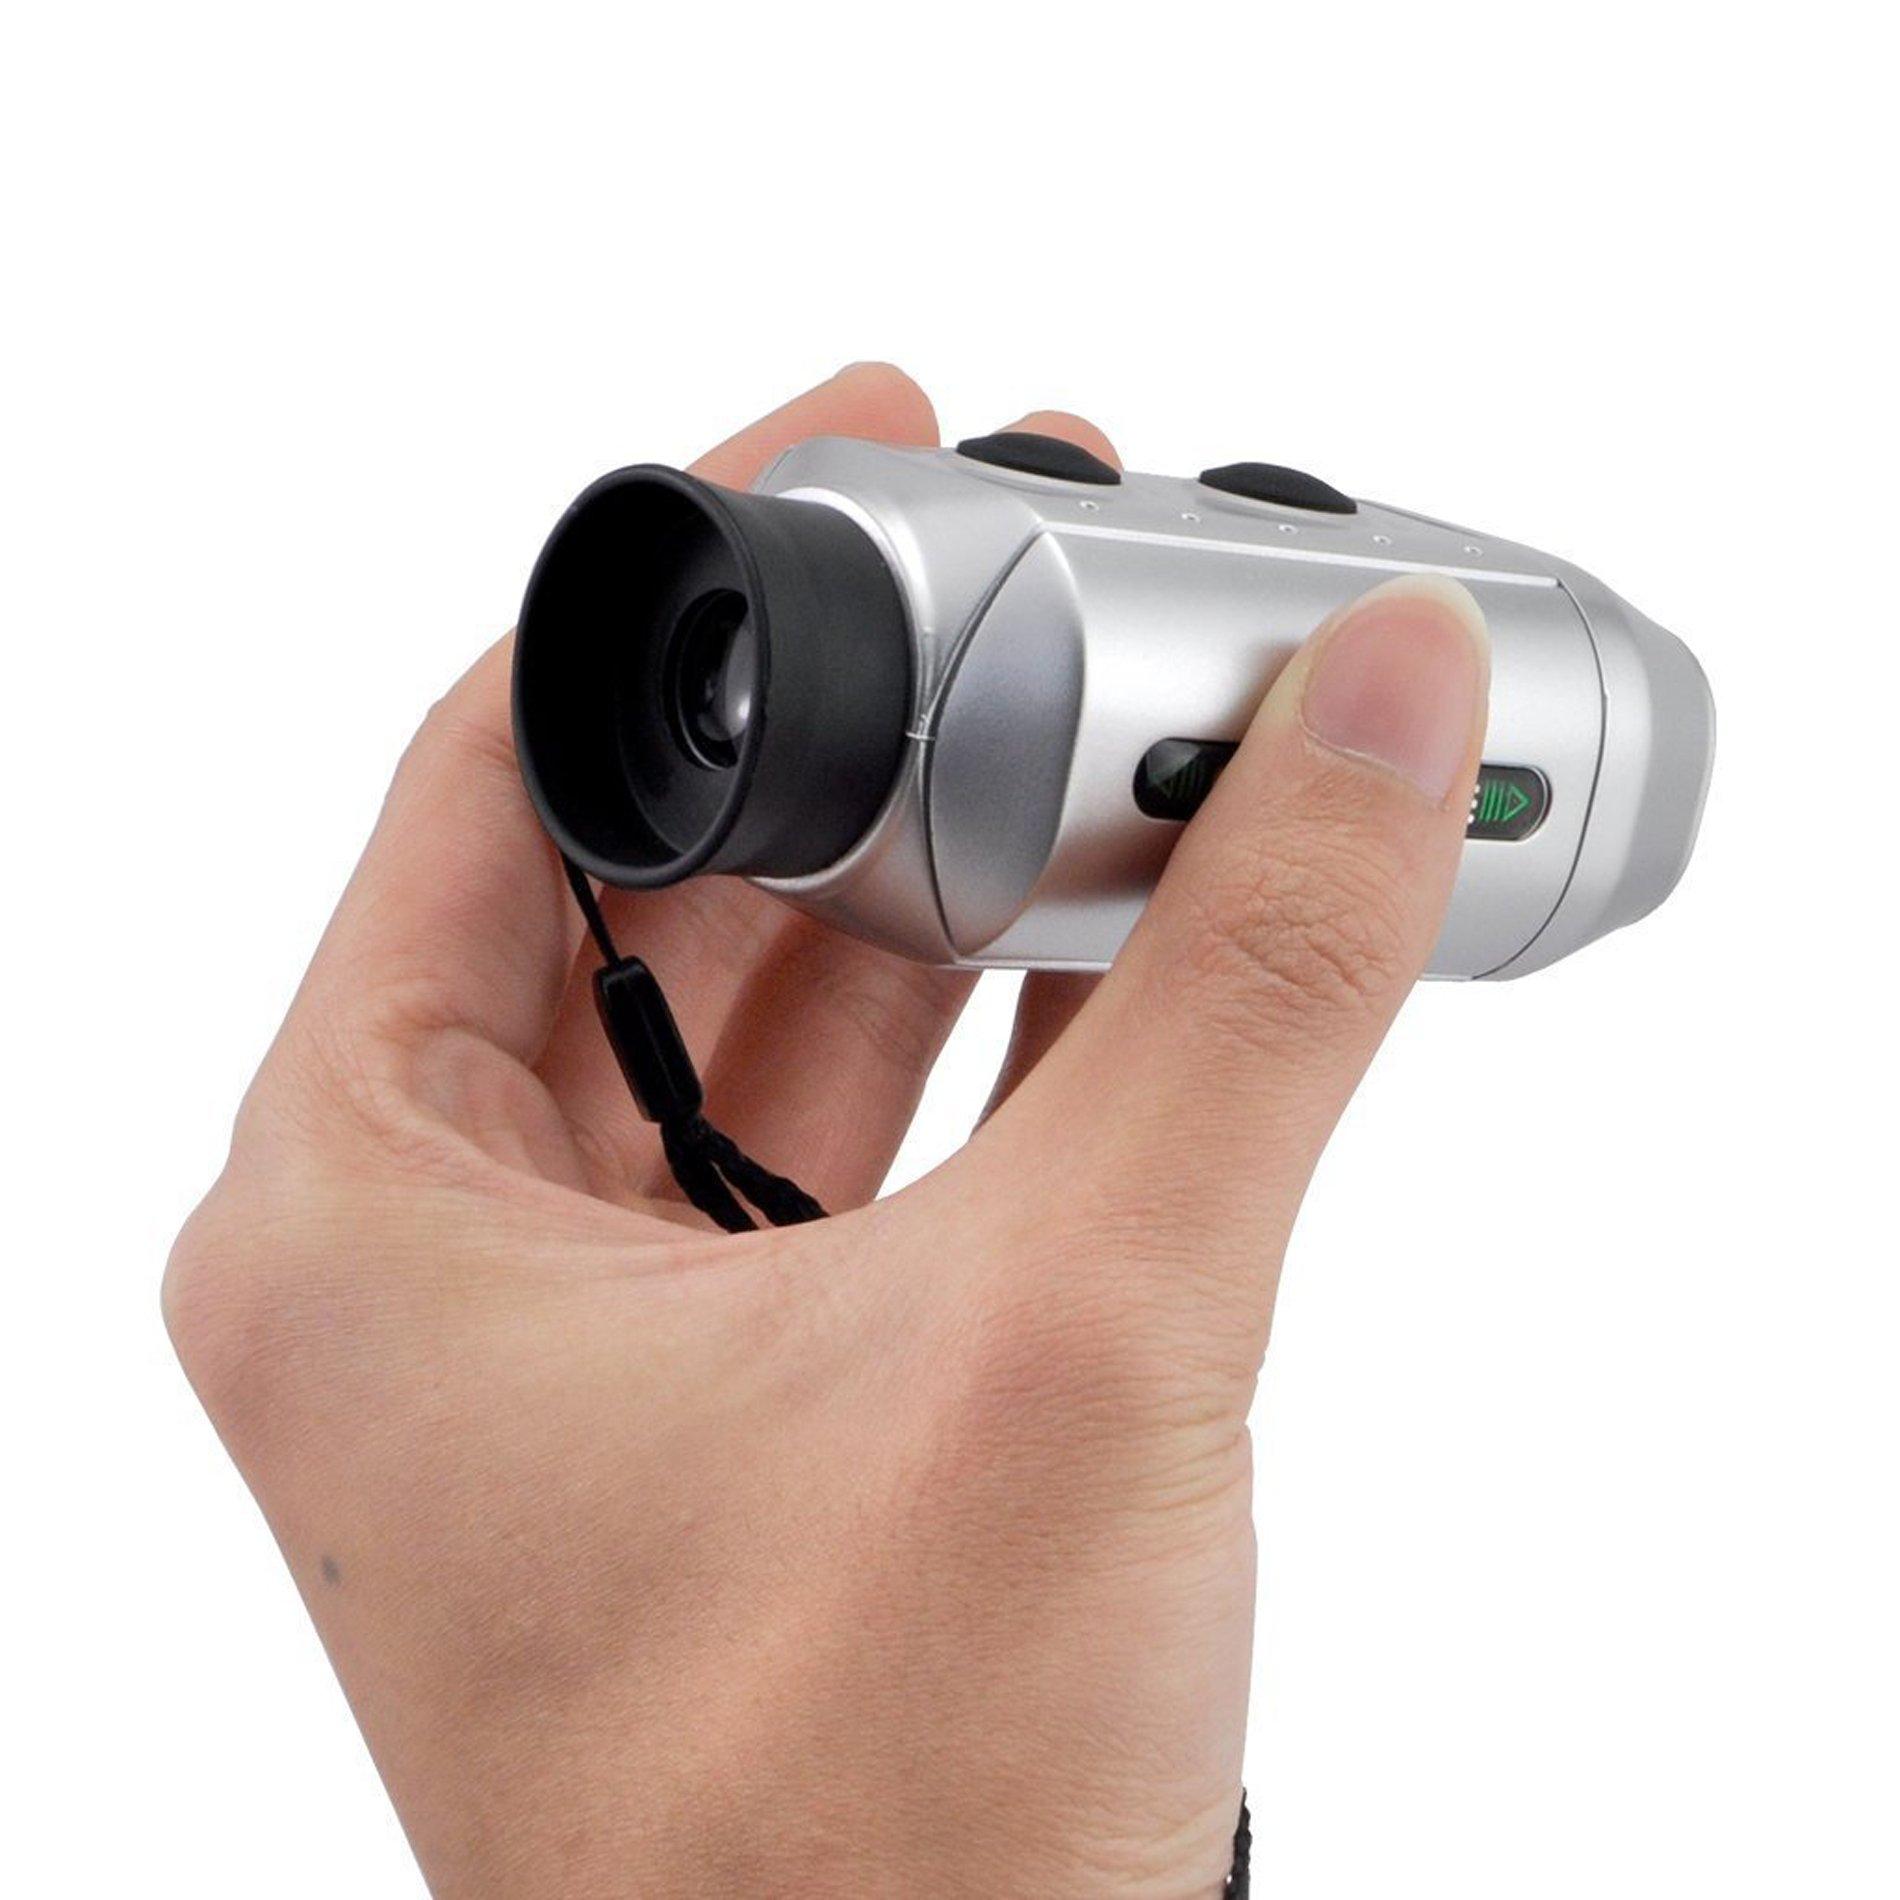 POSMA GF200 Golf Rangefinder Scope Digital Pocket 7x Zoom Golf Range Finder Magnification Distance Measurer by IDS Home (Image #7)